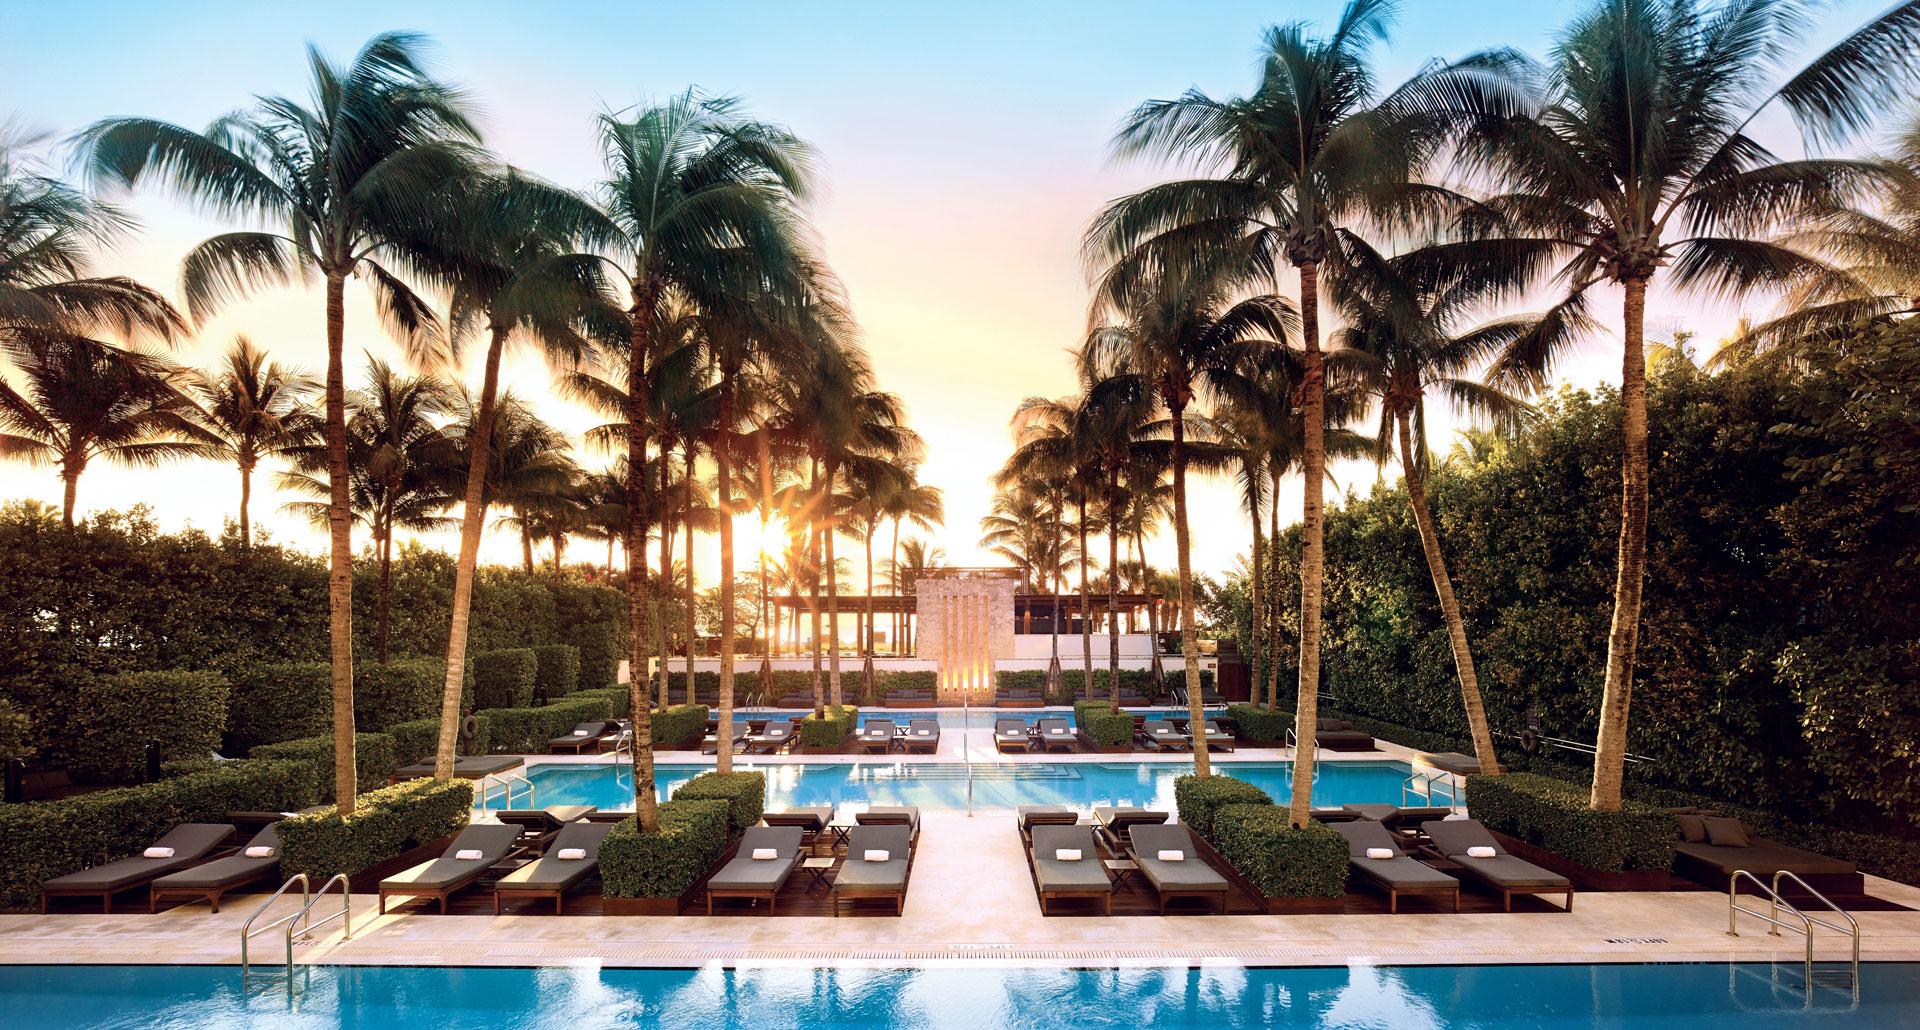 Setai Miami Beach - boutique hotel in Miami